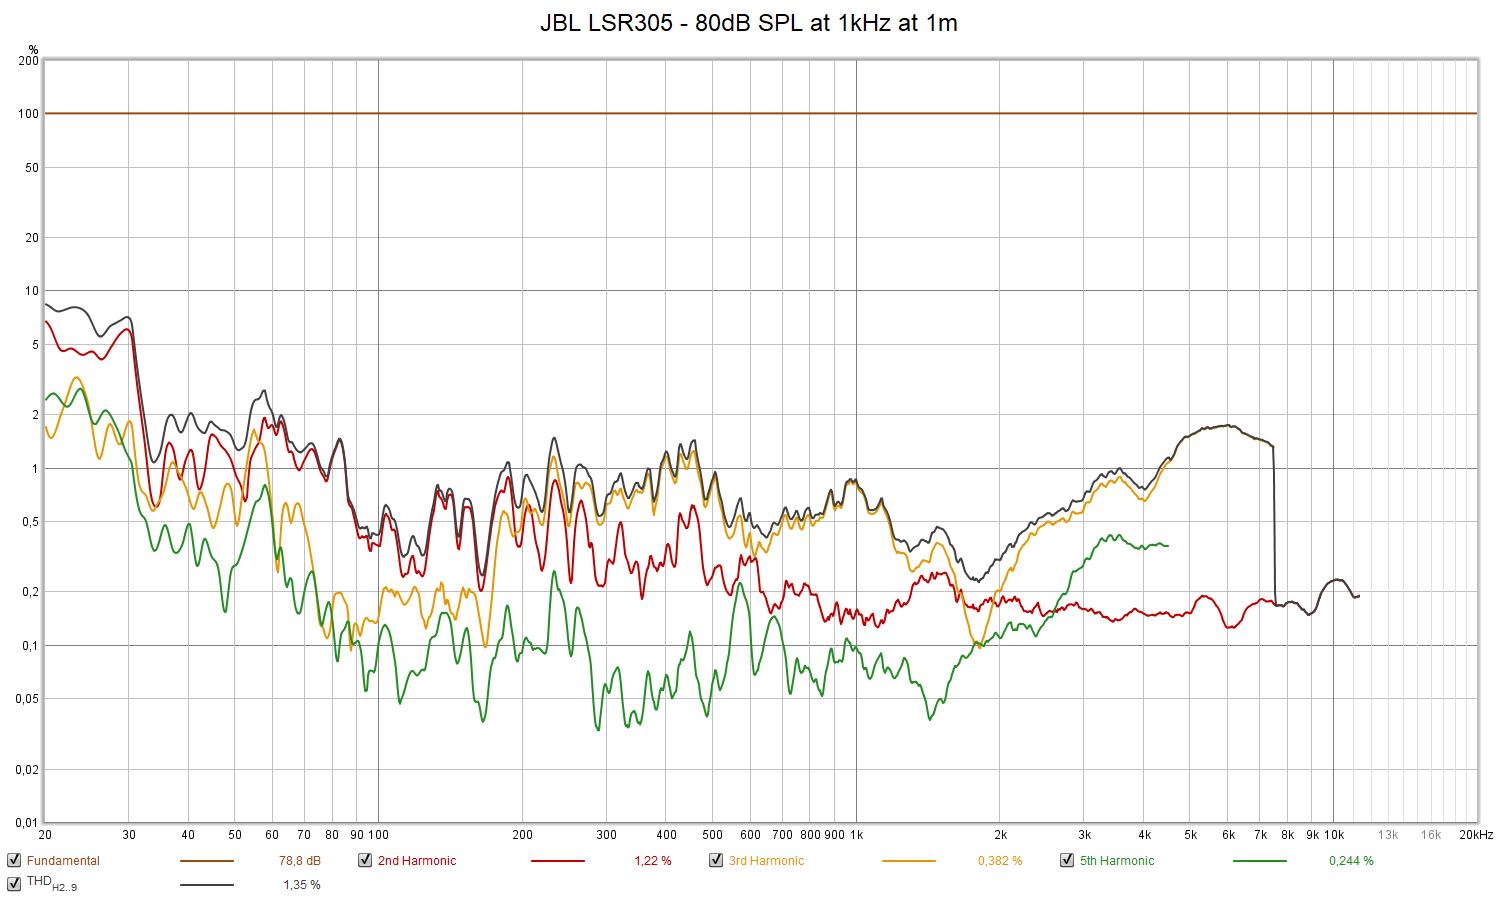 JBL LSR305 - 80dB SPL at 1kHz at 1m.png